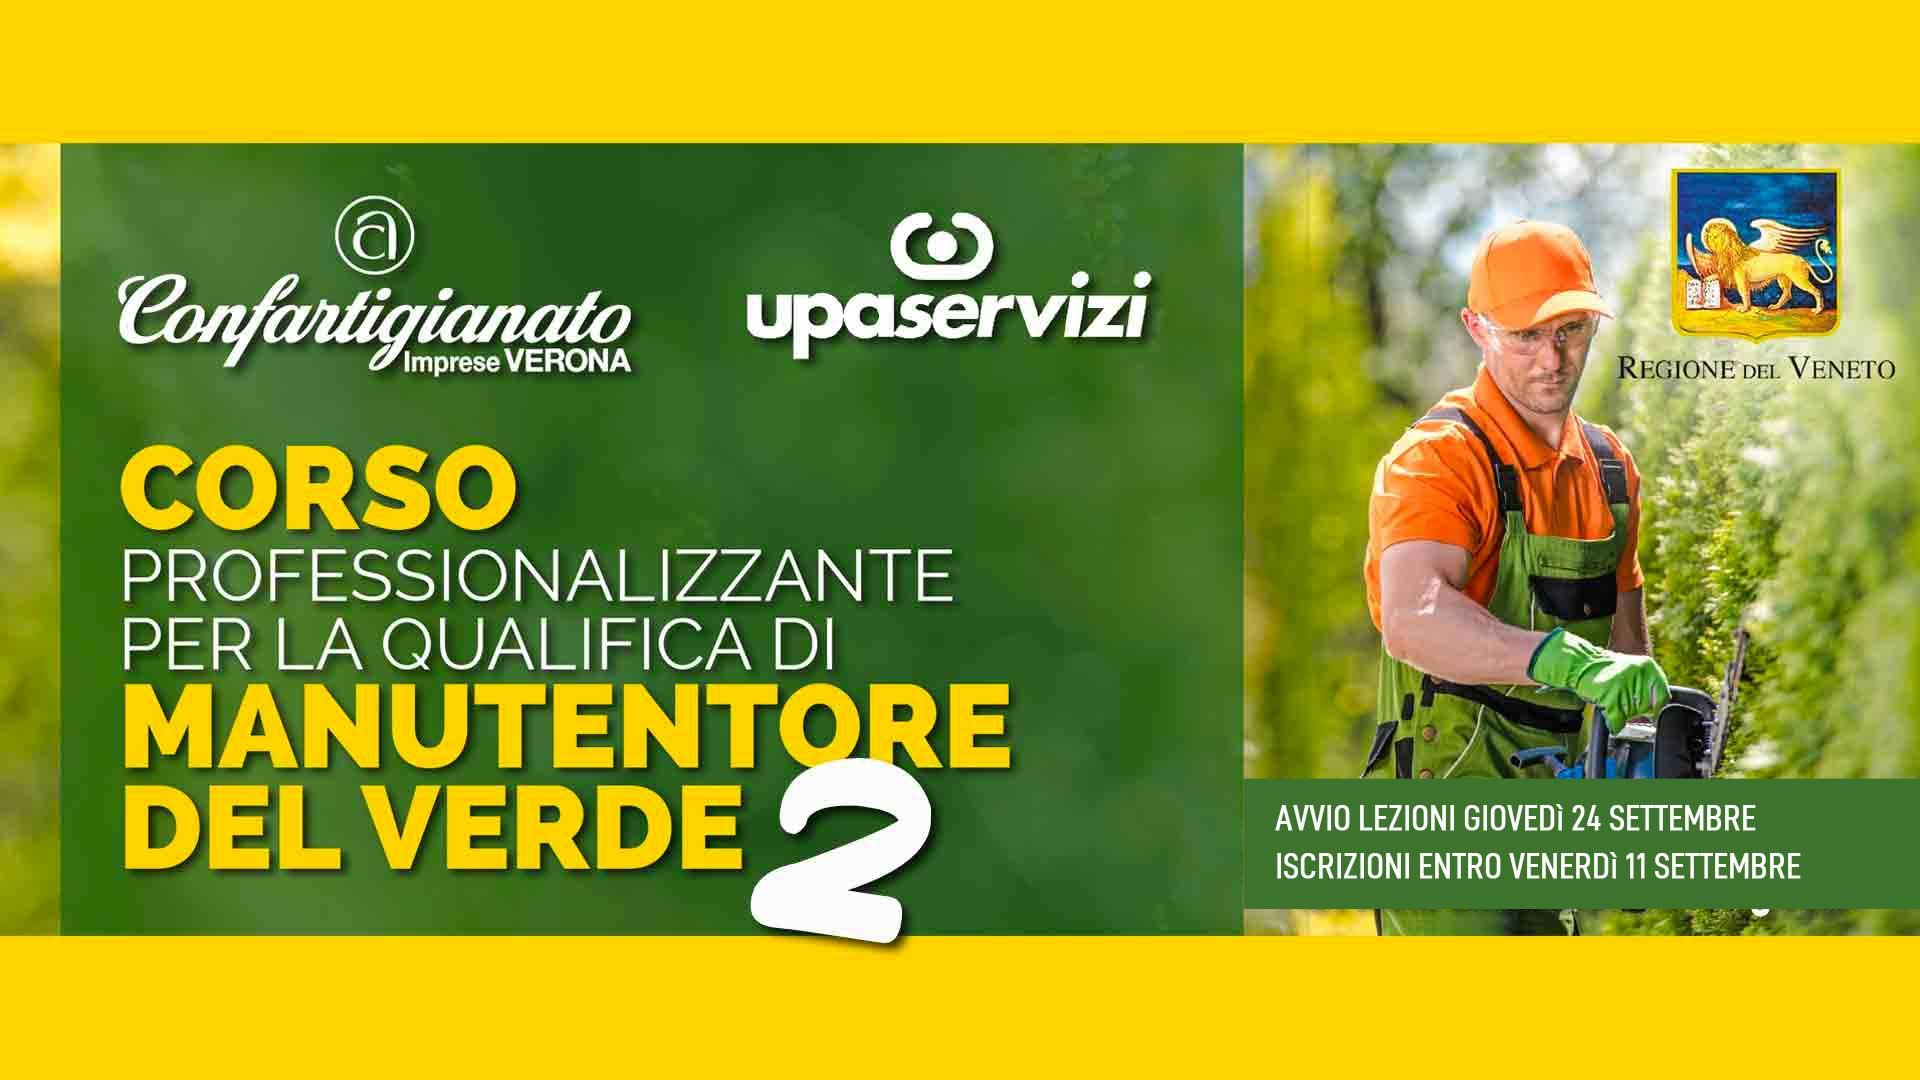 MANUTENTORE DEL VERDE – Nuovo corso di formazione con qualifica riconosciuta dalla Regione Veneto. Iscrizioni entro l'11 settembre